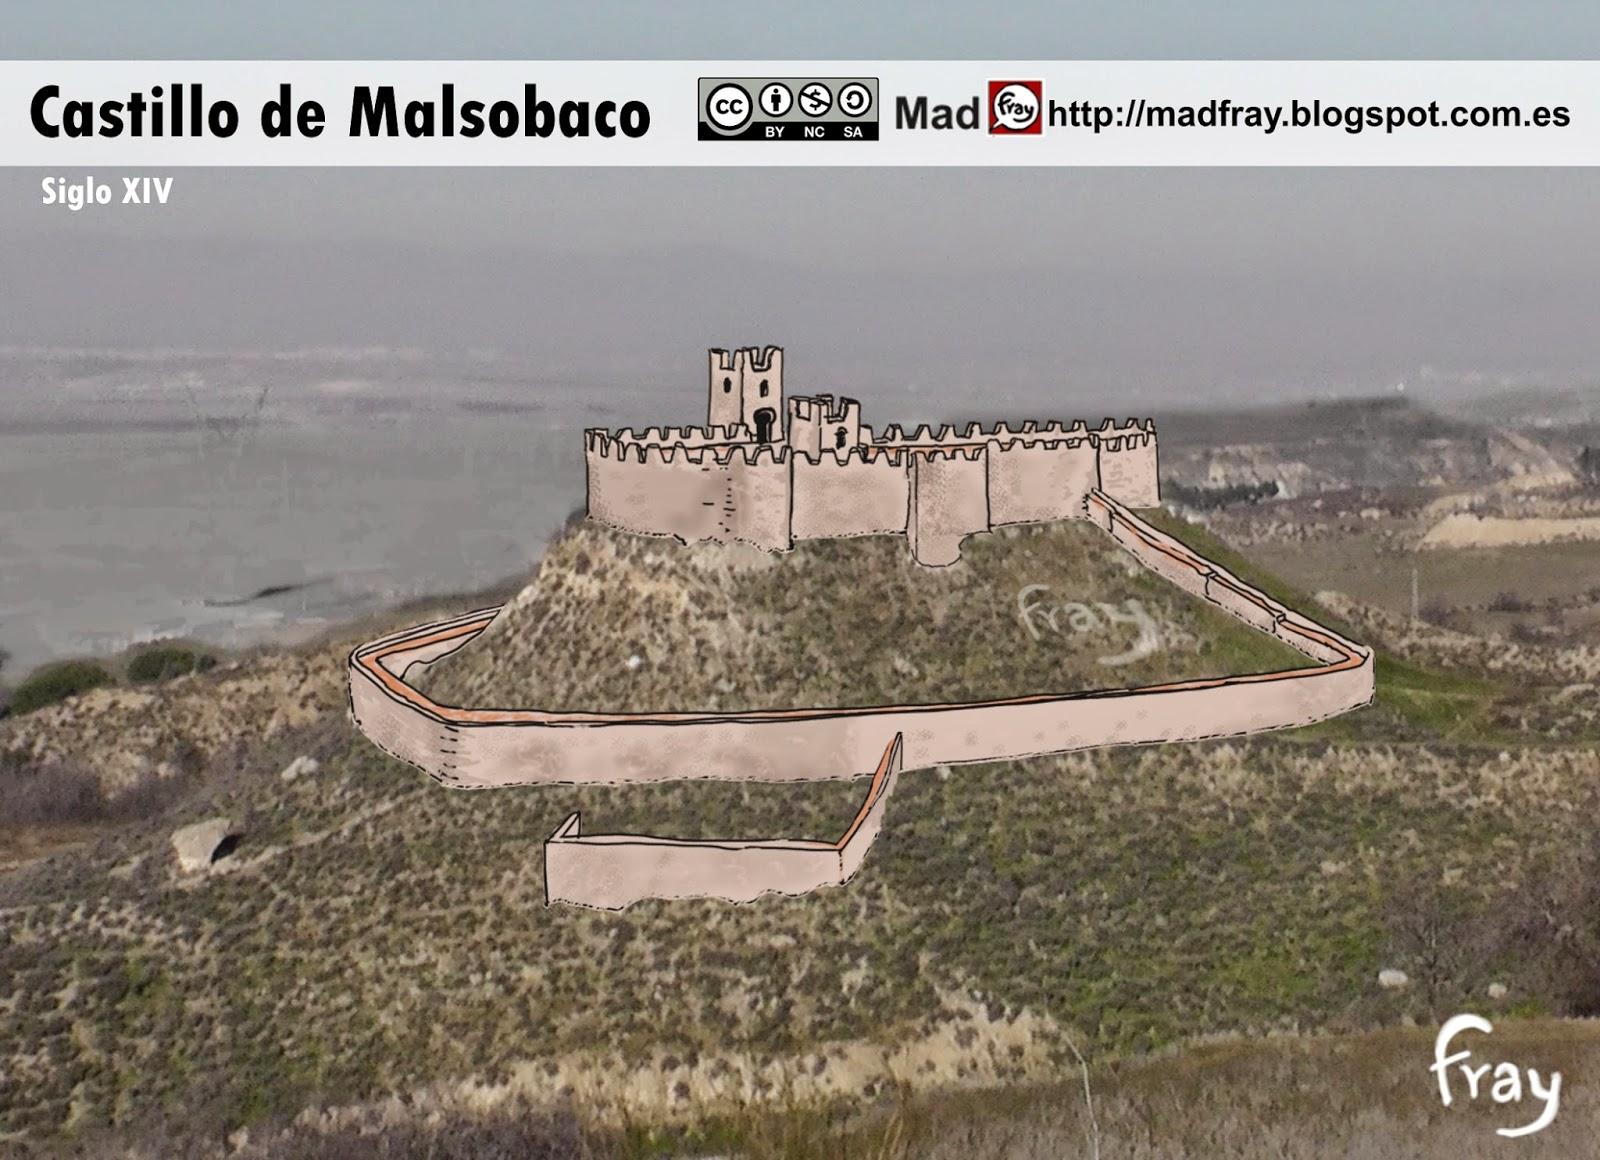 Castillo de Malsobaco. Paracuellos del Jarama,Madrid, España.